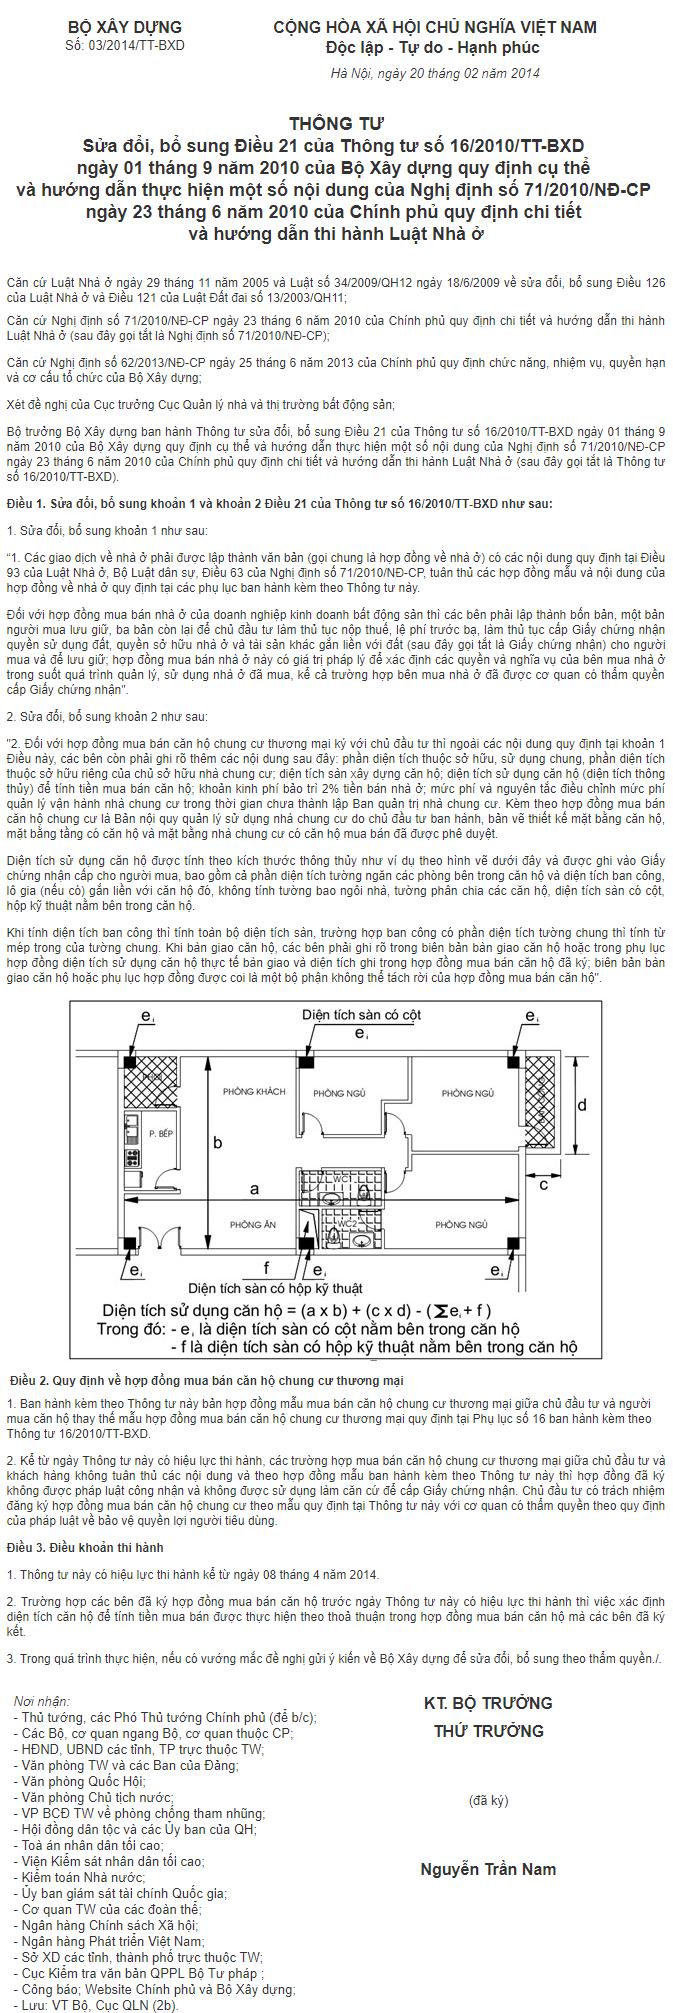 Tính diện tích căn hộ: Tim tường hay Thông thuỷ 3